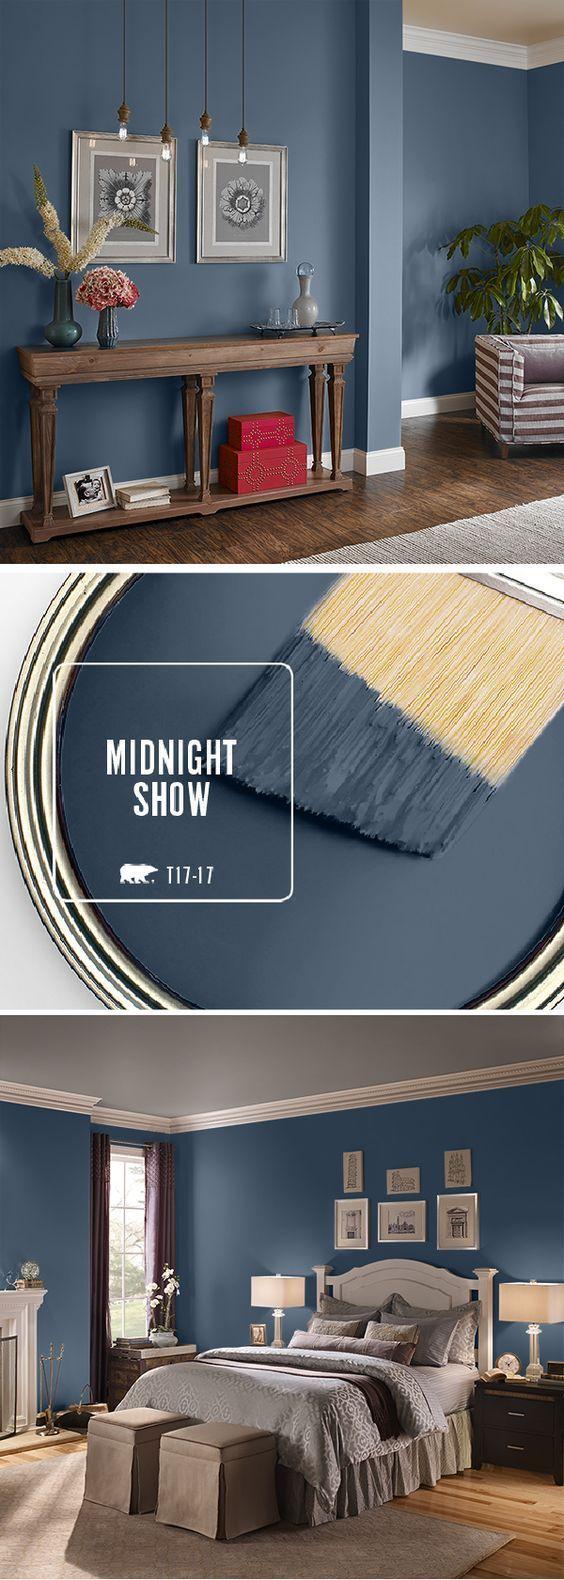 Verliebe dich in BEHRs Farbe des Monats: Midnight Show. Diese tiefe, launische